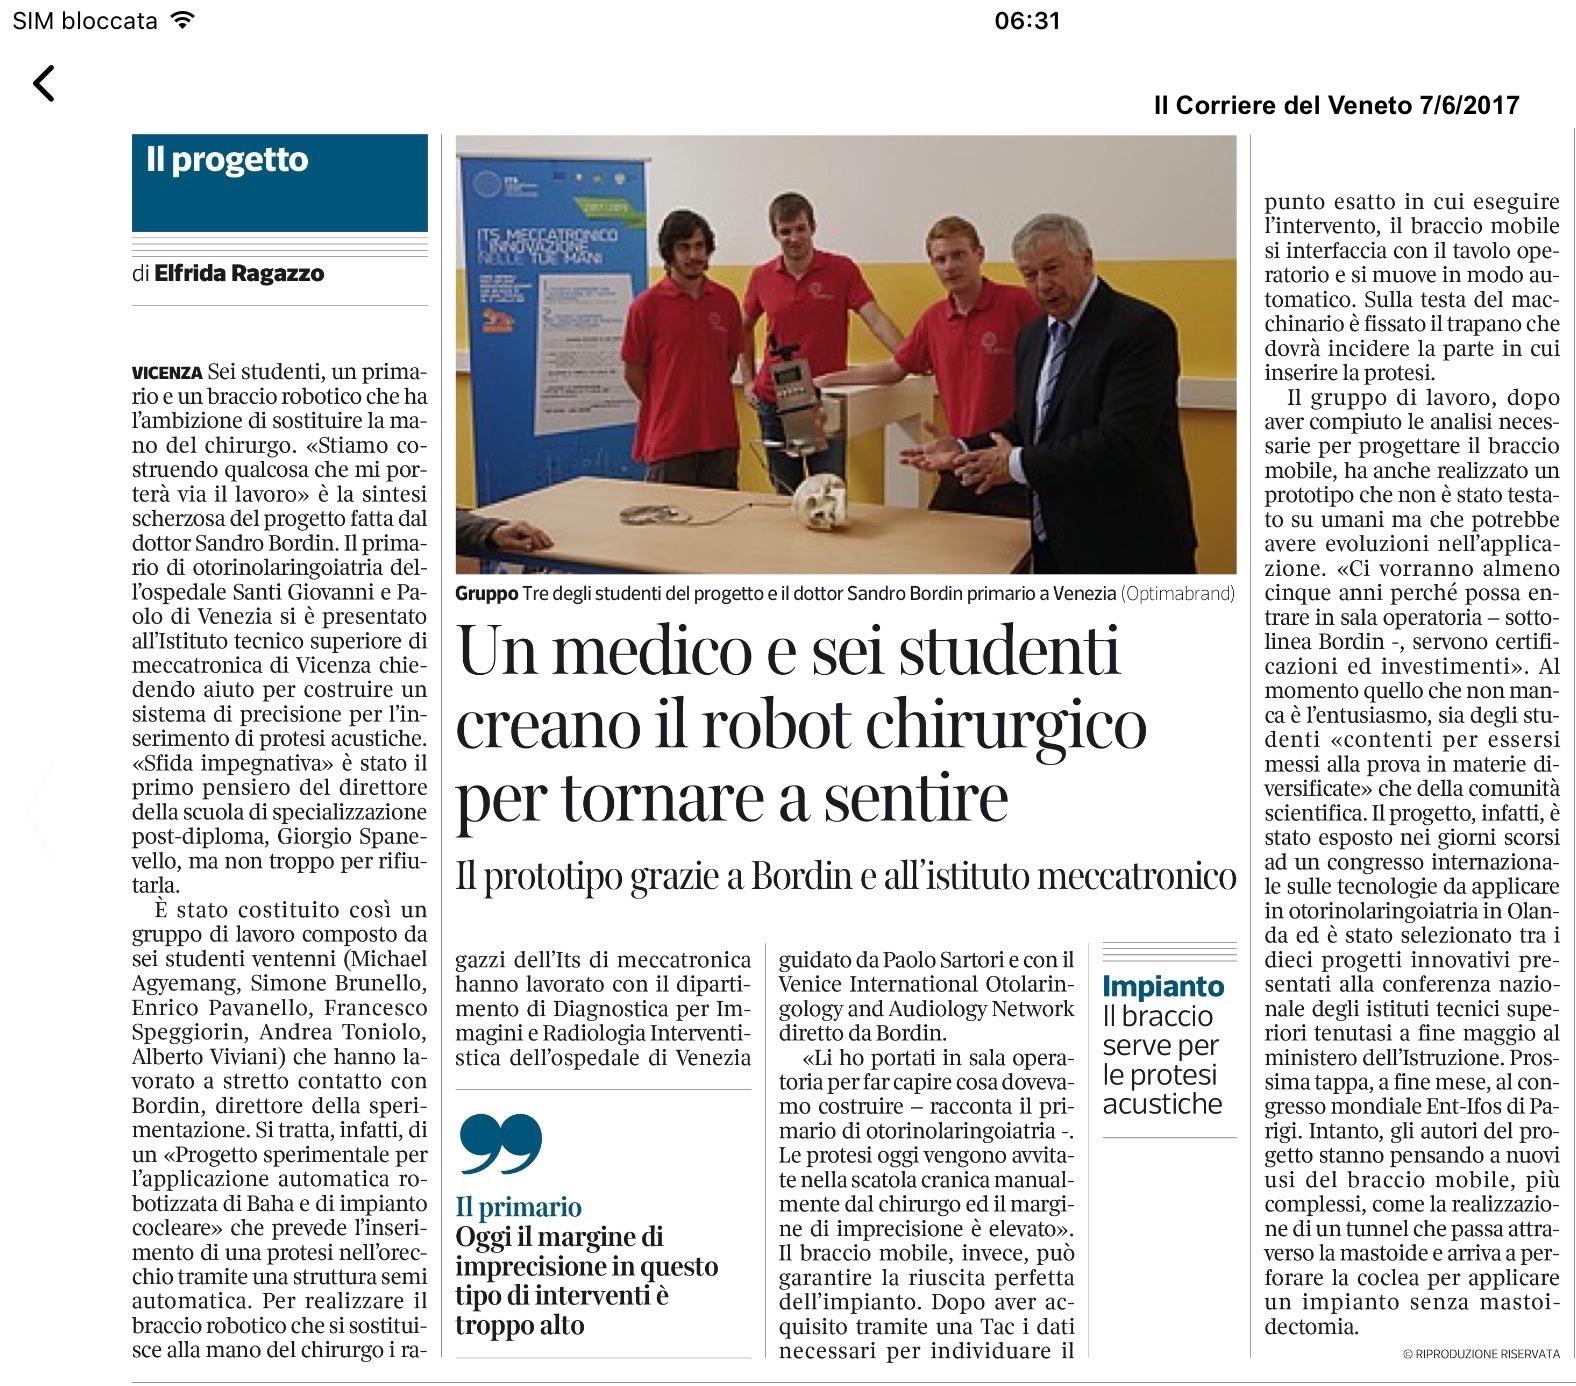 Robot chirurgico su Il Corriere del Veneto